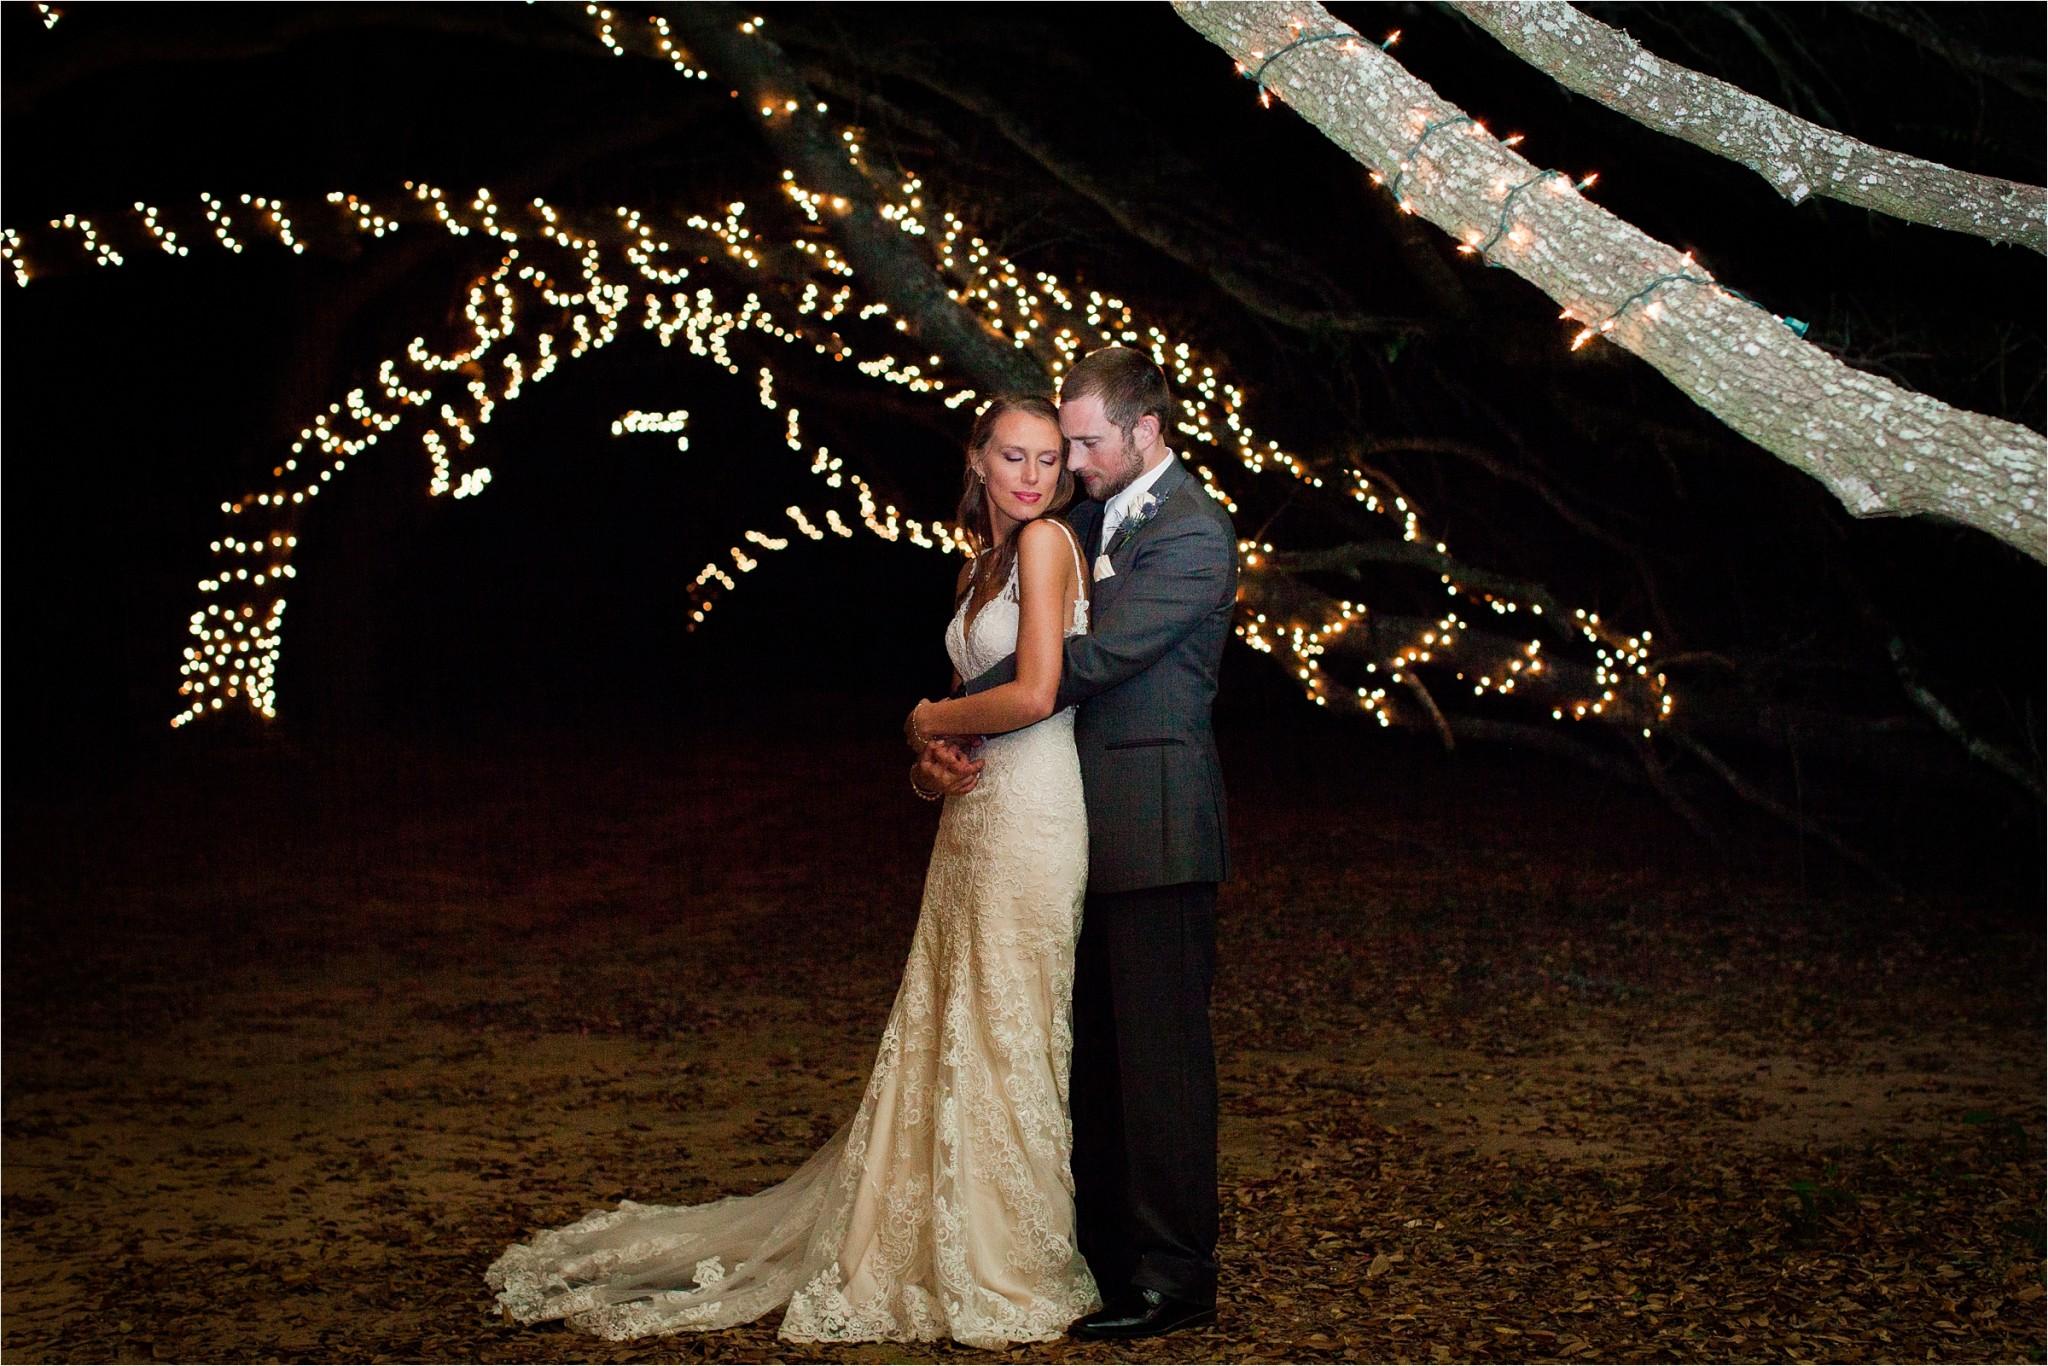 Lewis_Oak_Hollow_Wedding_Fairhope_AL_0095